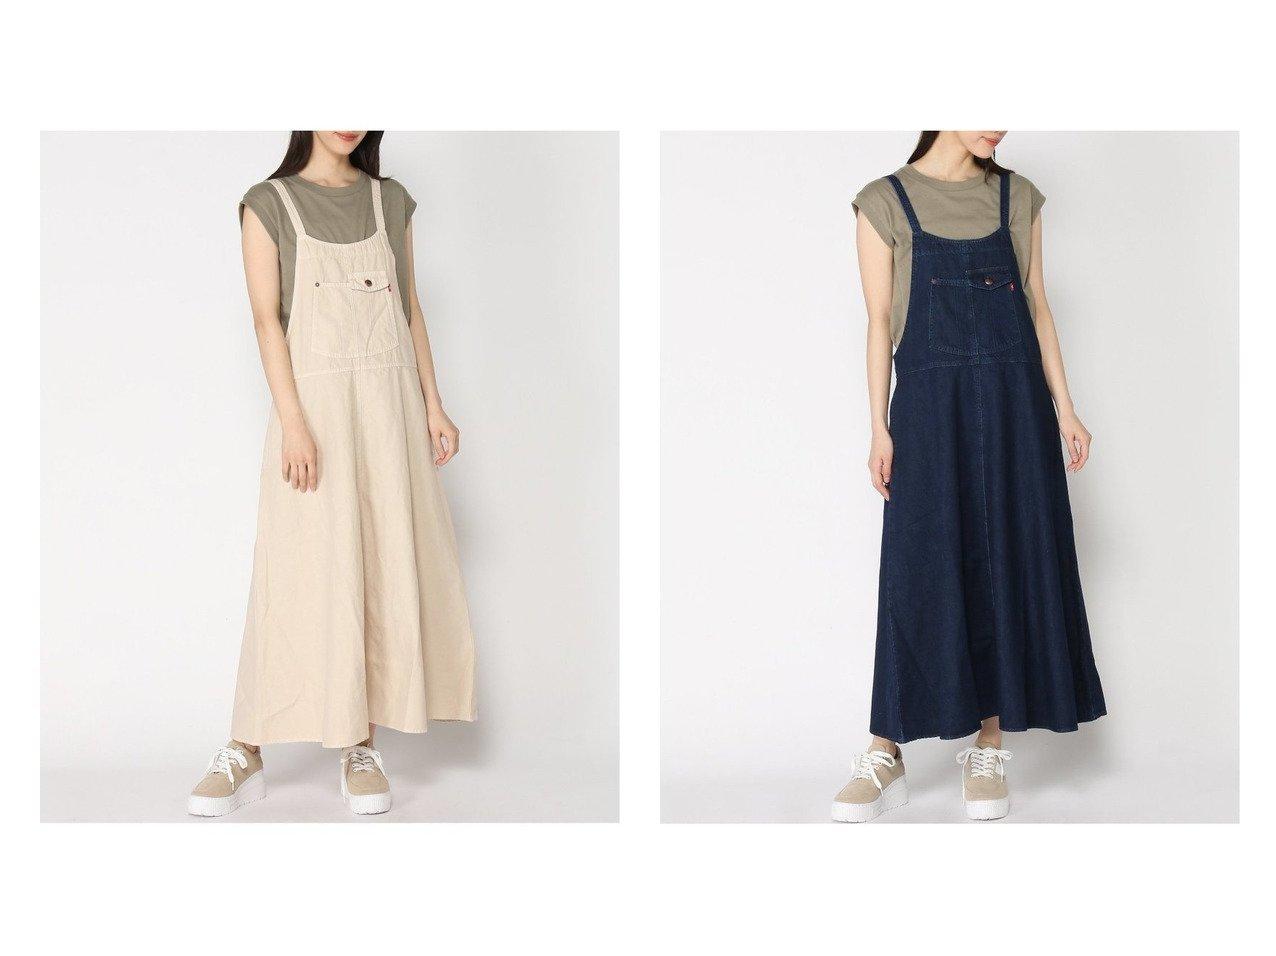 【ADPOSION/アドポーション】の【grn】バックツイル ジャンパースカート/GL733077Q おすすめ!人気、トレンド・レディースファッションの通販 おすすめで人気の流行・トレンド、ファッションの通販商品 インテリア・家具・メンズファッション・キッズファッション・レディースファッション・服の通販 founy(ファニー) https://founy.com/ ファッション Fashion レディースファッション WOMEN スカート Skirt バッグ Bag アニマル アンクル アンティーク インナー 春 Spring カットソー カーディガン 巾着 サングラス サンダル シューズ ショルダー スウェット スニーカー スポーツ タンク タートル チェック ツイル デニム トレンド ドレス 定番 Standard ノースリーブ パッチワーク パーカー |ID:crp329100000061965